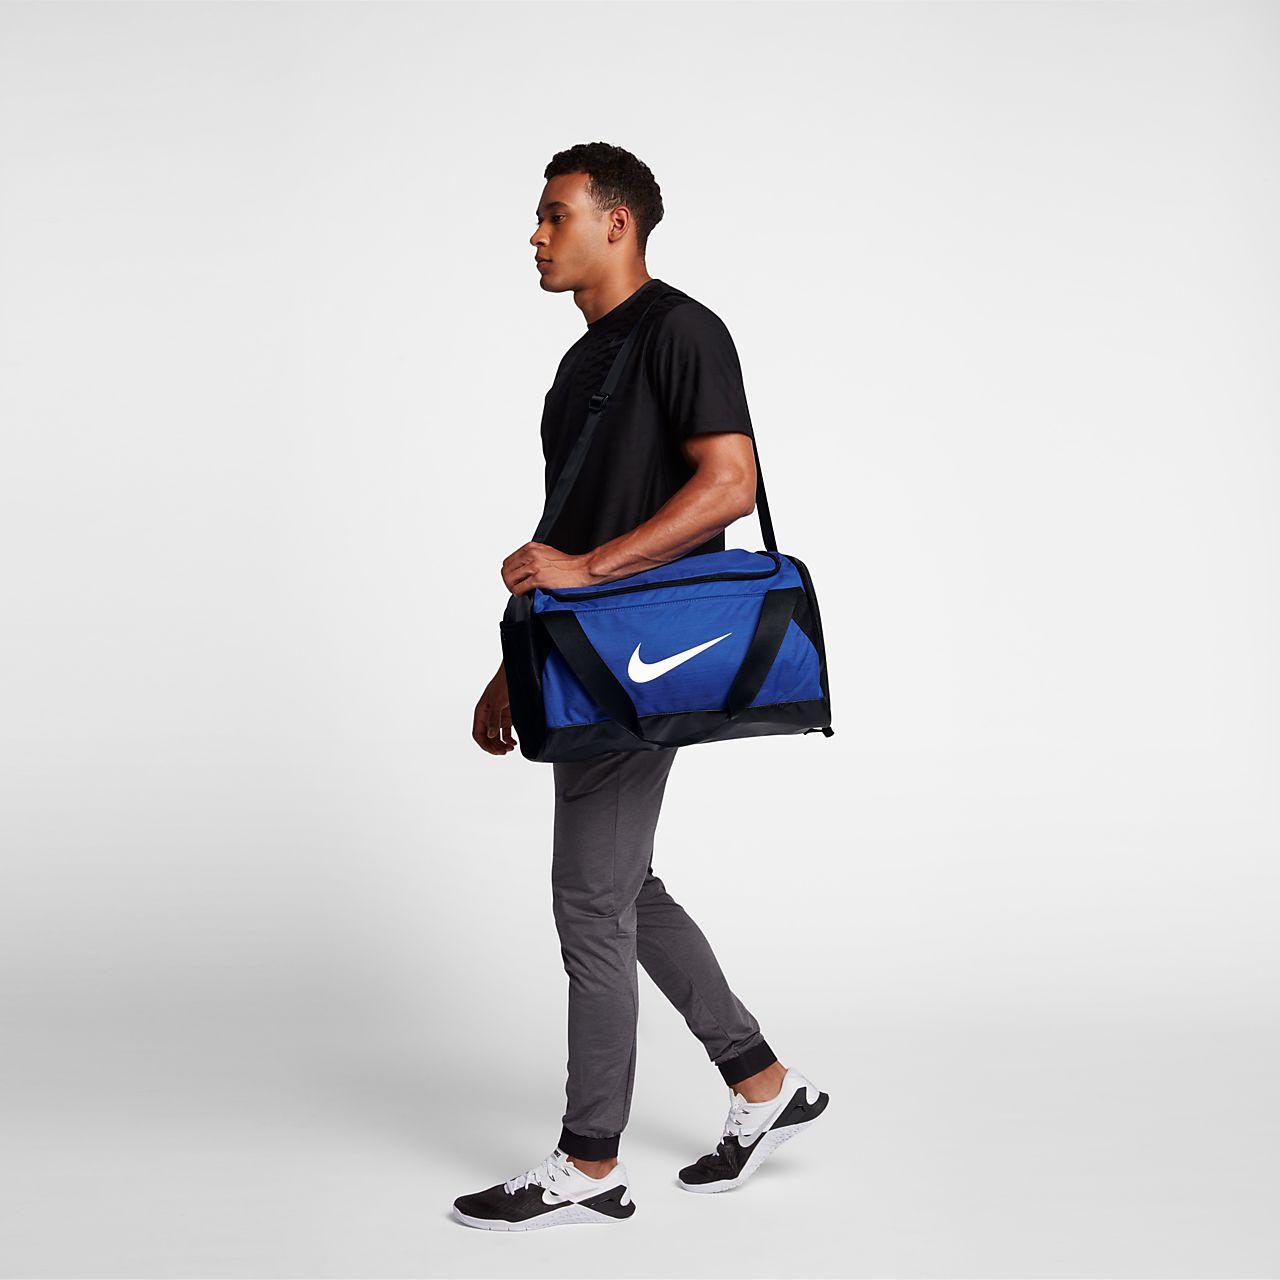 3781978c02 Borsone piccolo da allenamento Nike Brasilia. Nike.com IT